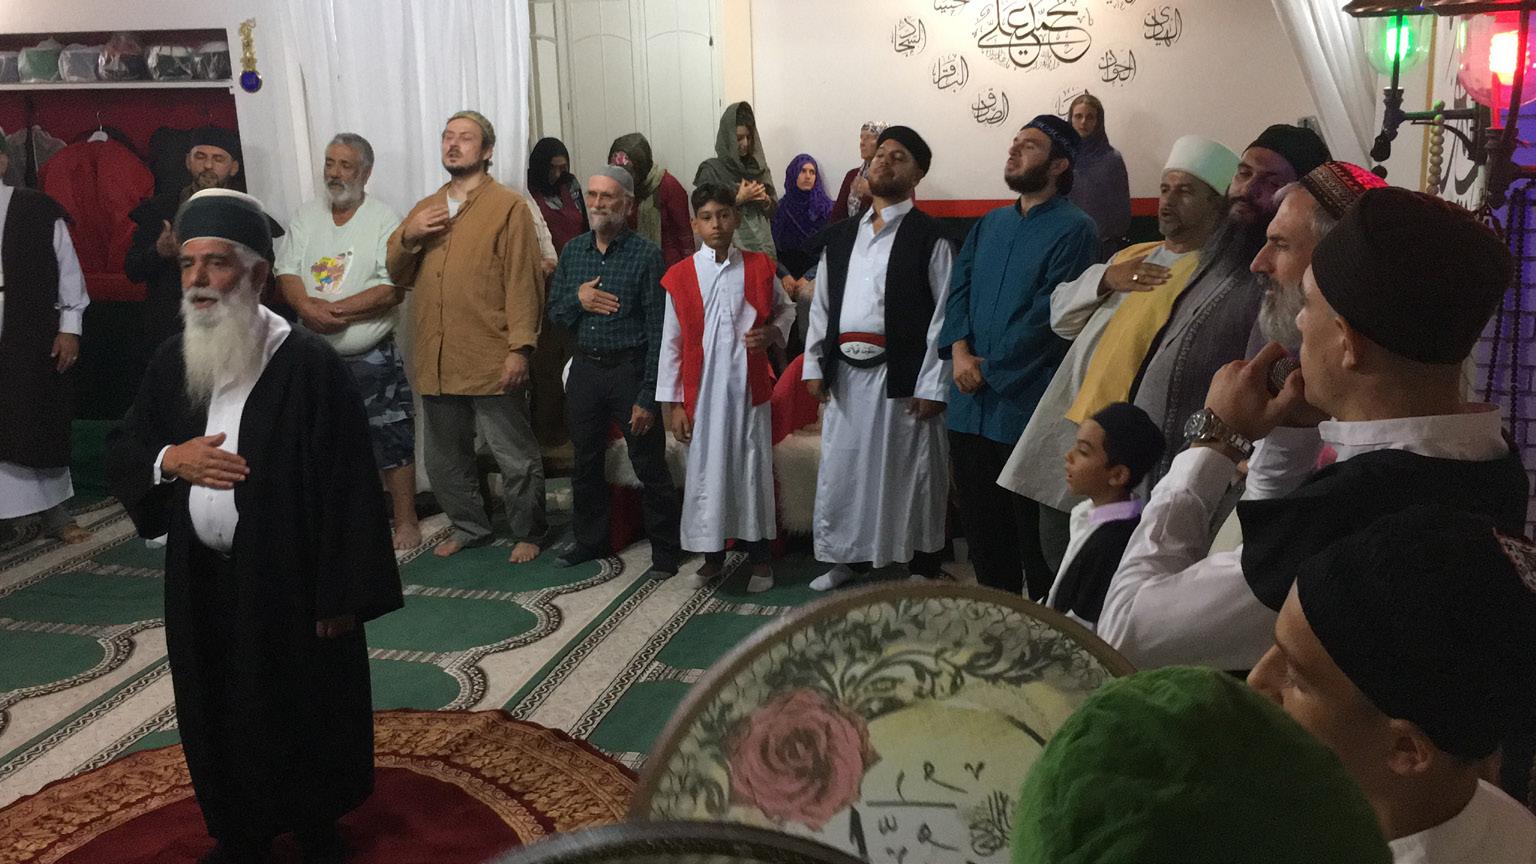 FIGURA 6. Baba Dzevat al centro della halka percorre il perimetro del cerchio in senso antiorario elargendo benedizioni a tutti i presenti (ʿĀšūrāʾ, 14 settembre 2019, frame da video di M. R. Coppola).